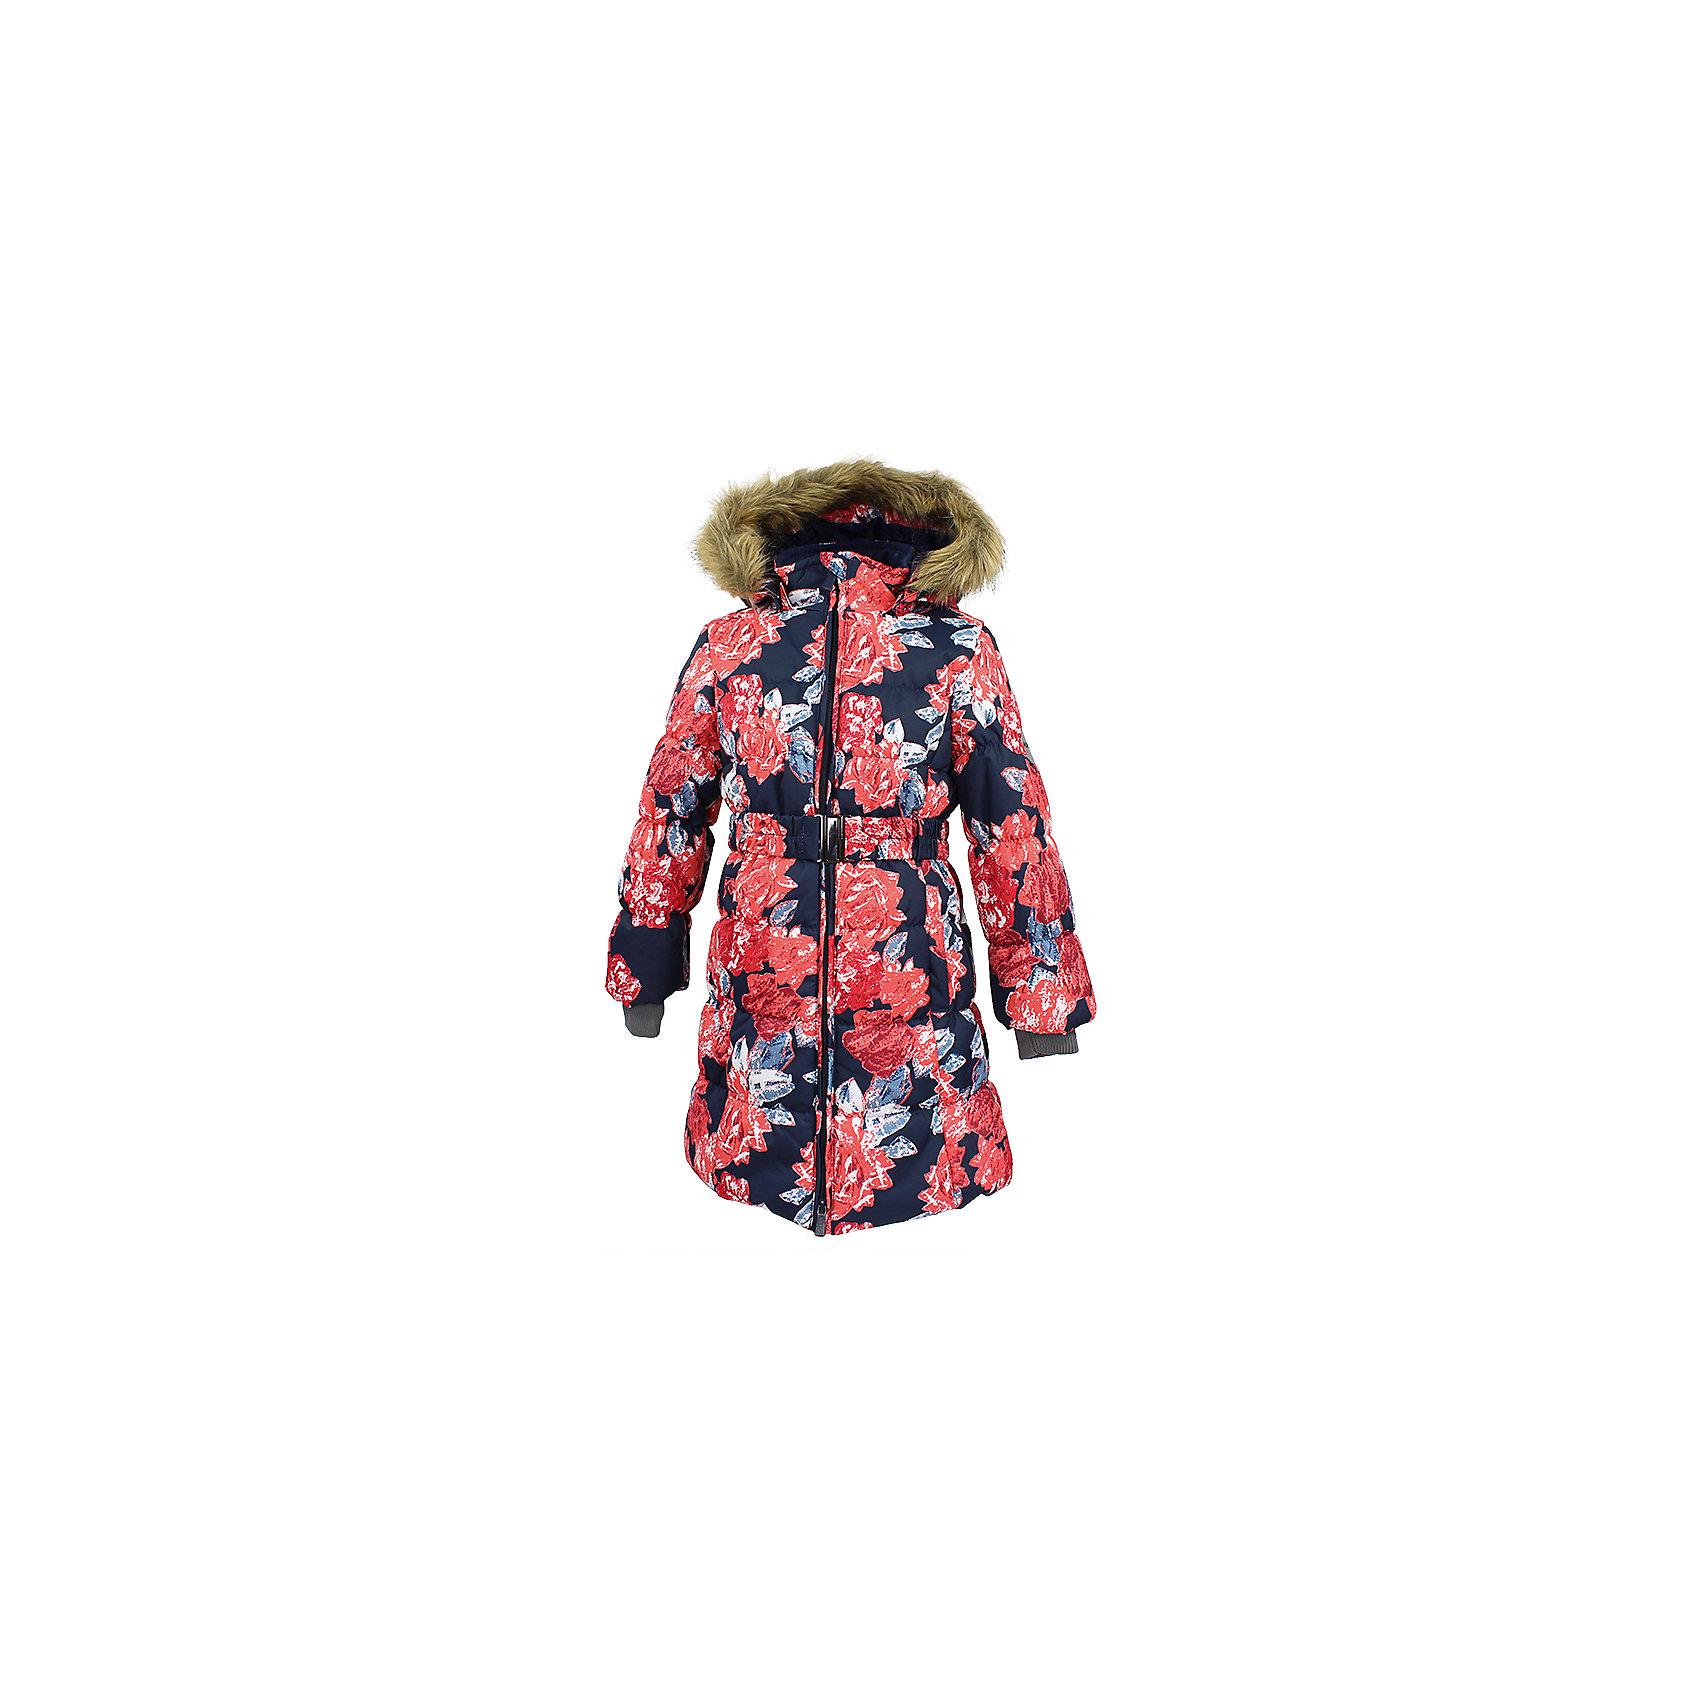 Пальто YACARANDA Huppa для девочкиВерхняя одежда<br>Куртка для девочек YACARANDA.Водо и воздухонепроницаемость 10 000. Утеплитель 300 гр. Подкладка тафта, флис 100% полиэстер. Отстегивающийся капюшон с мехом. Внутренний манжет рукава.Вязаные детали.Двухсторонняя молния. Имеются светоотражательные детали.<br>Состав:<br>100% Полиэстер<br><br>Ширина мм: 356<br>Глубина мм: 10<br>Высота мм: 245<br>Вес г: 519<br>Цвет: синий<br>Возраст от месяцев: 36<br>Возраст до месяцев: 48<br>Пол: Женский<br>Возраст: Детский<br>Размер: 104,170,164,158,152,146,140,134,128,122,116,110<br>SKU: 7027492